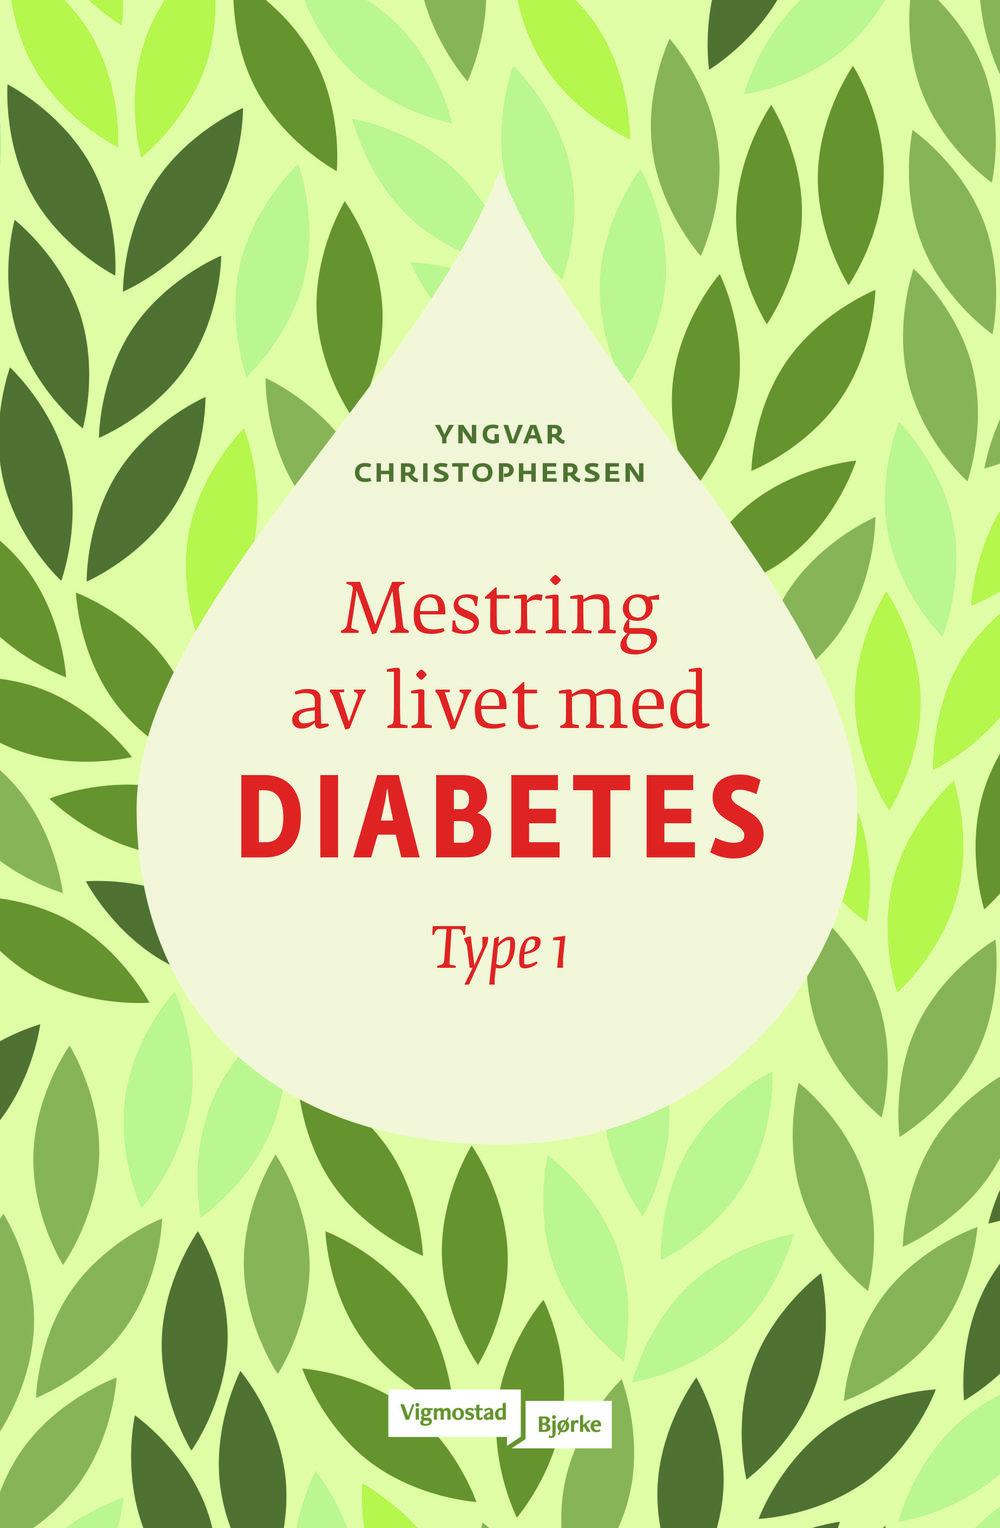 Diabetes_forside til trykk.jpg